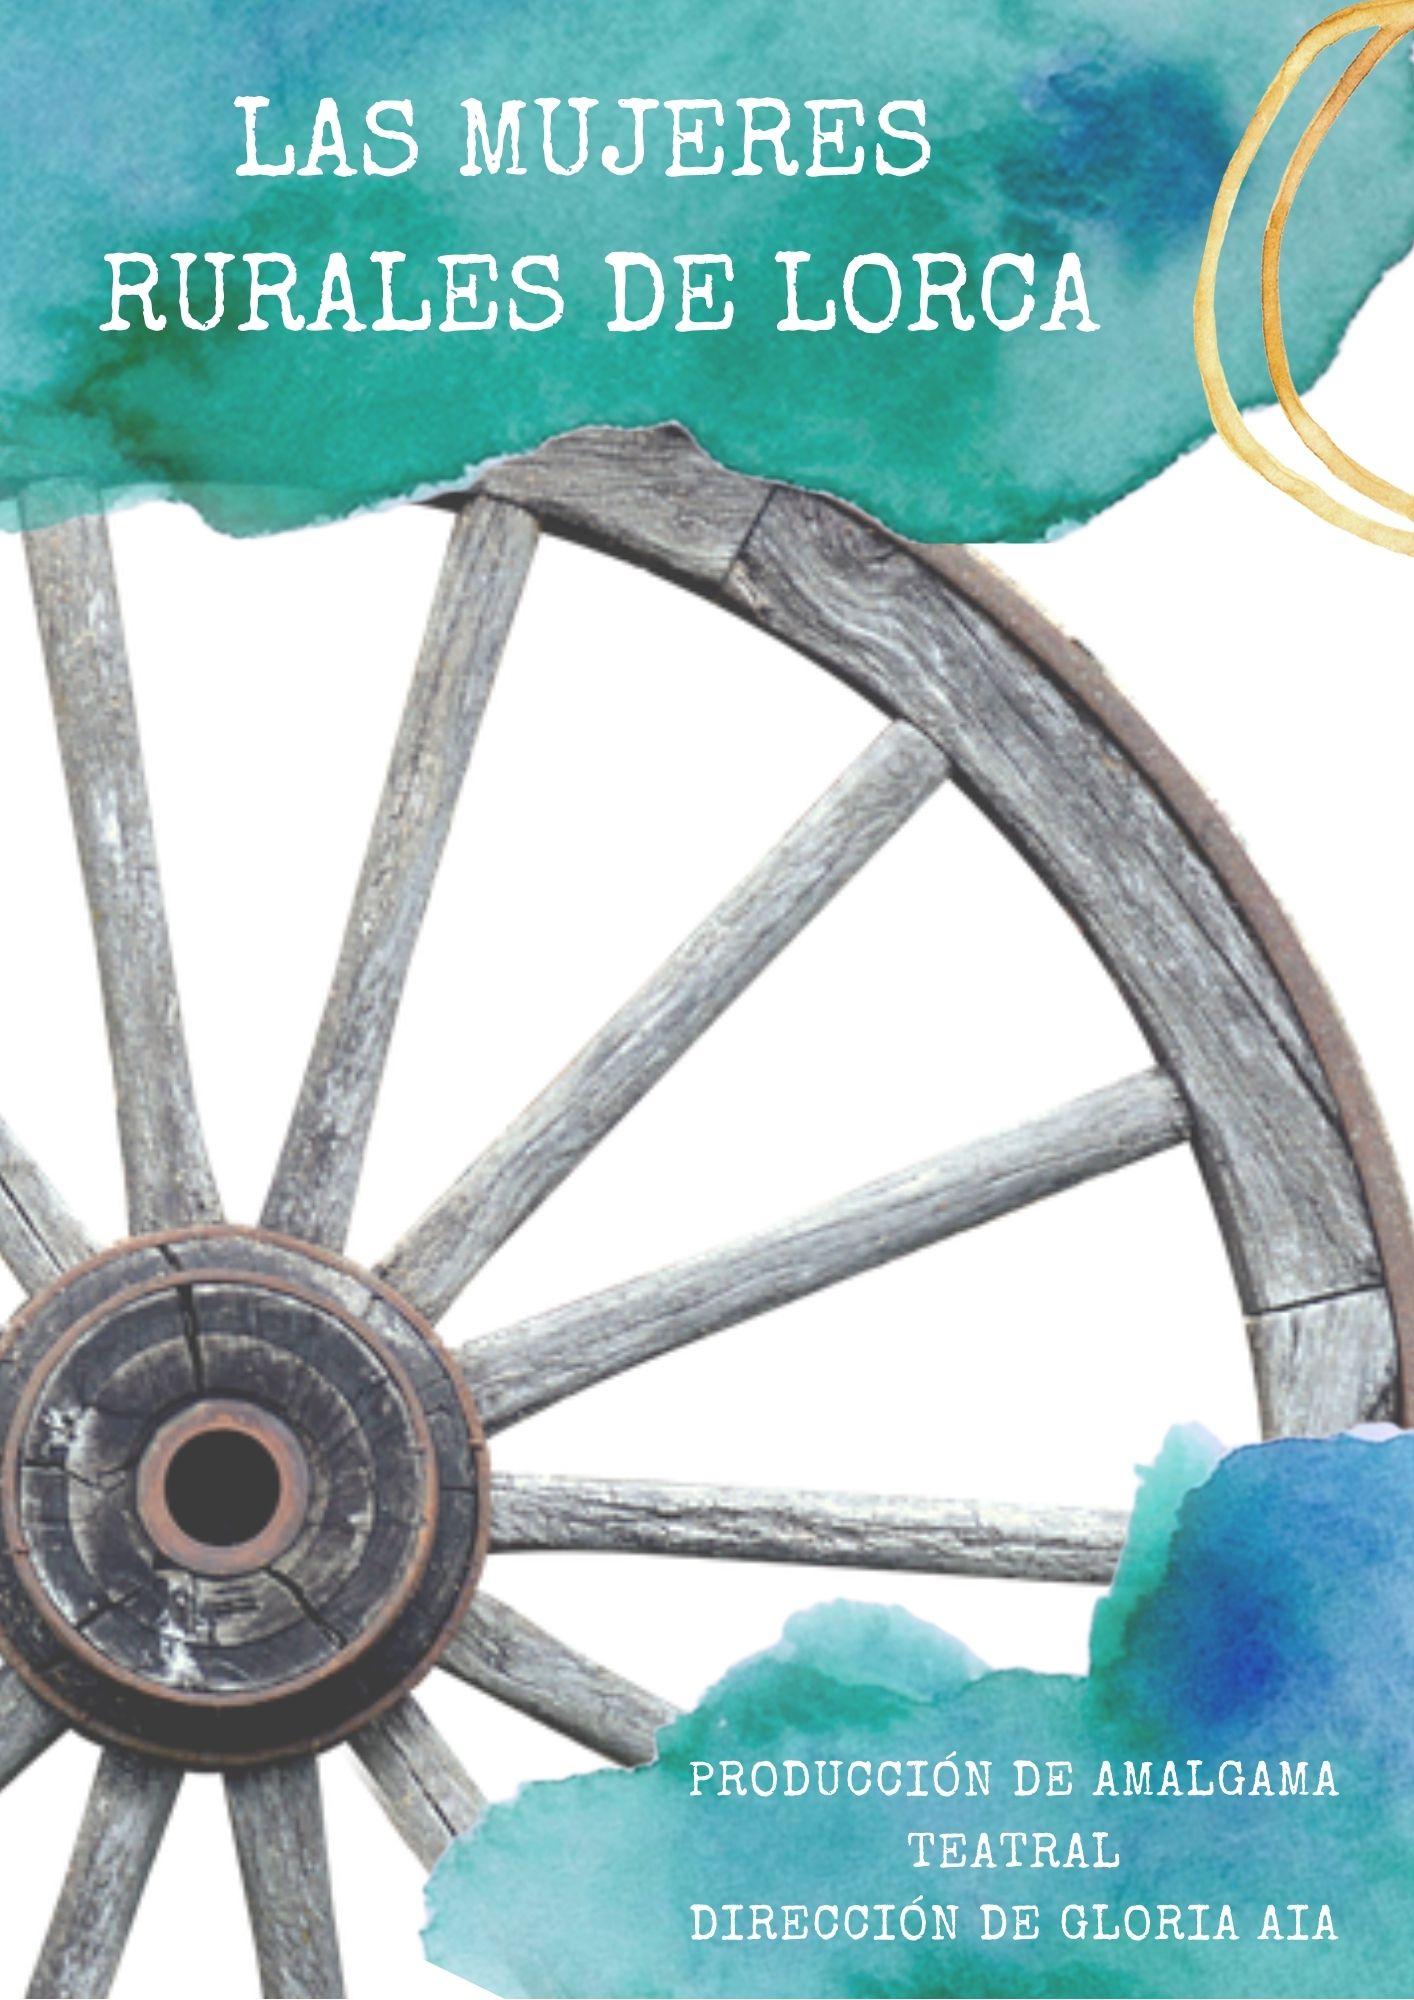 Las Mujeres Rurales de Lorca